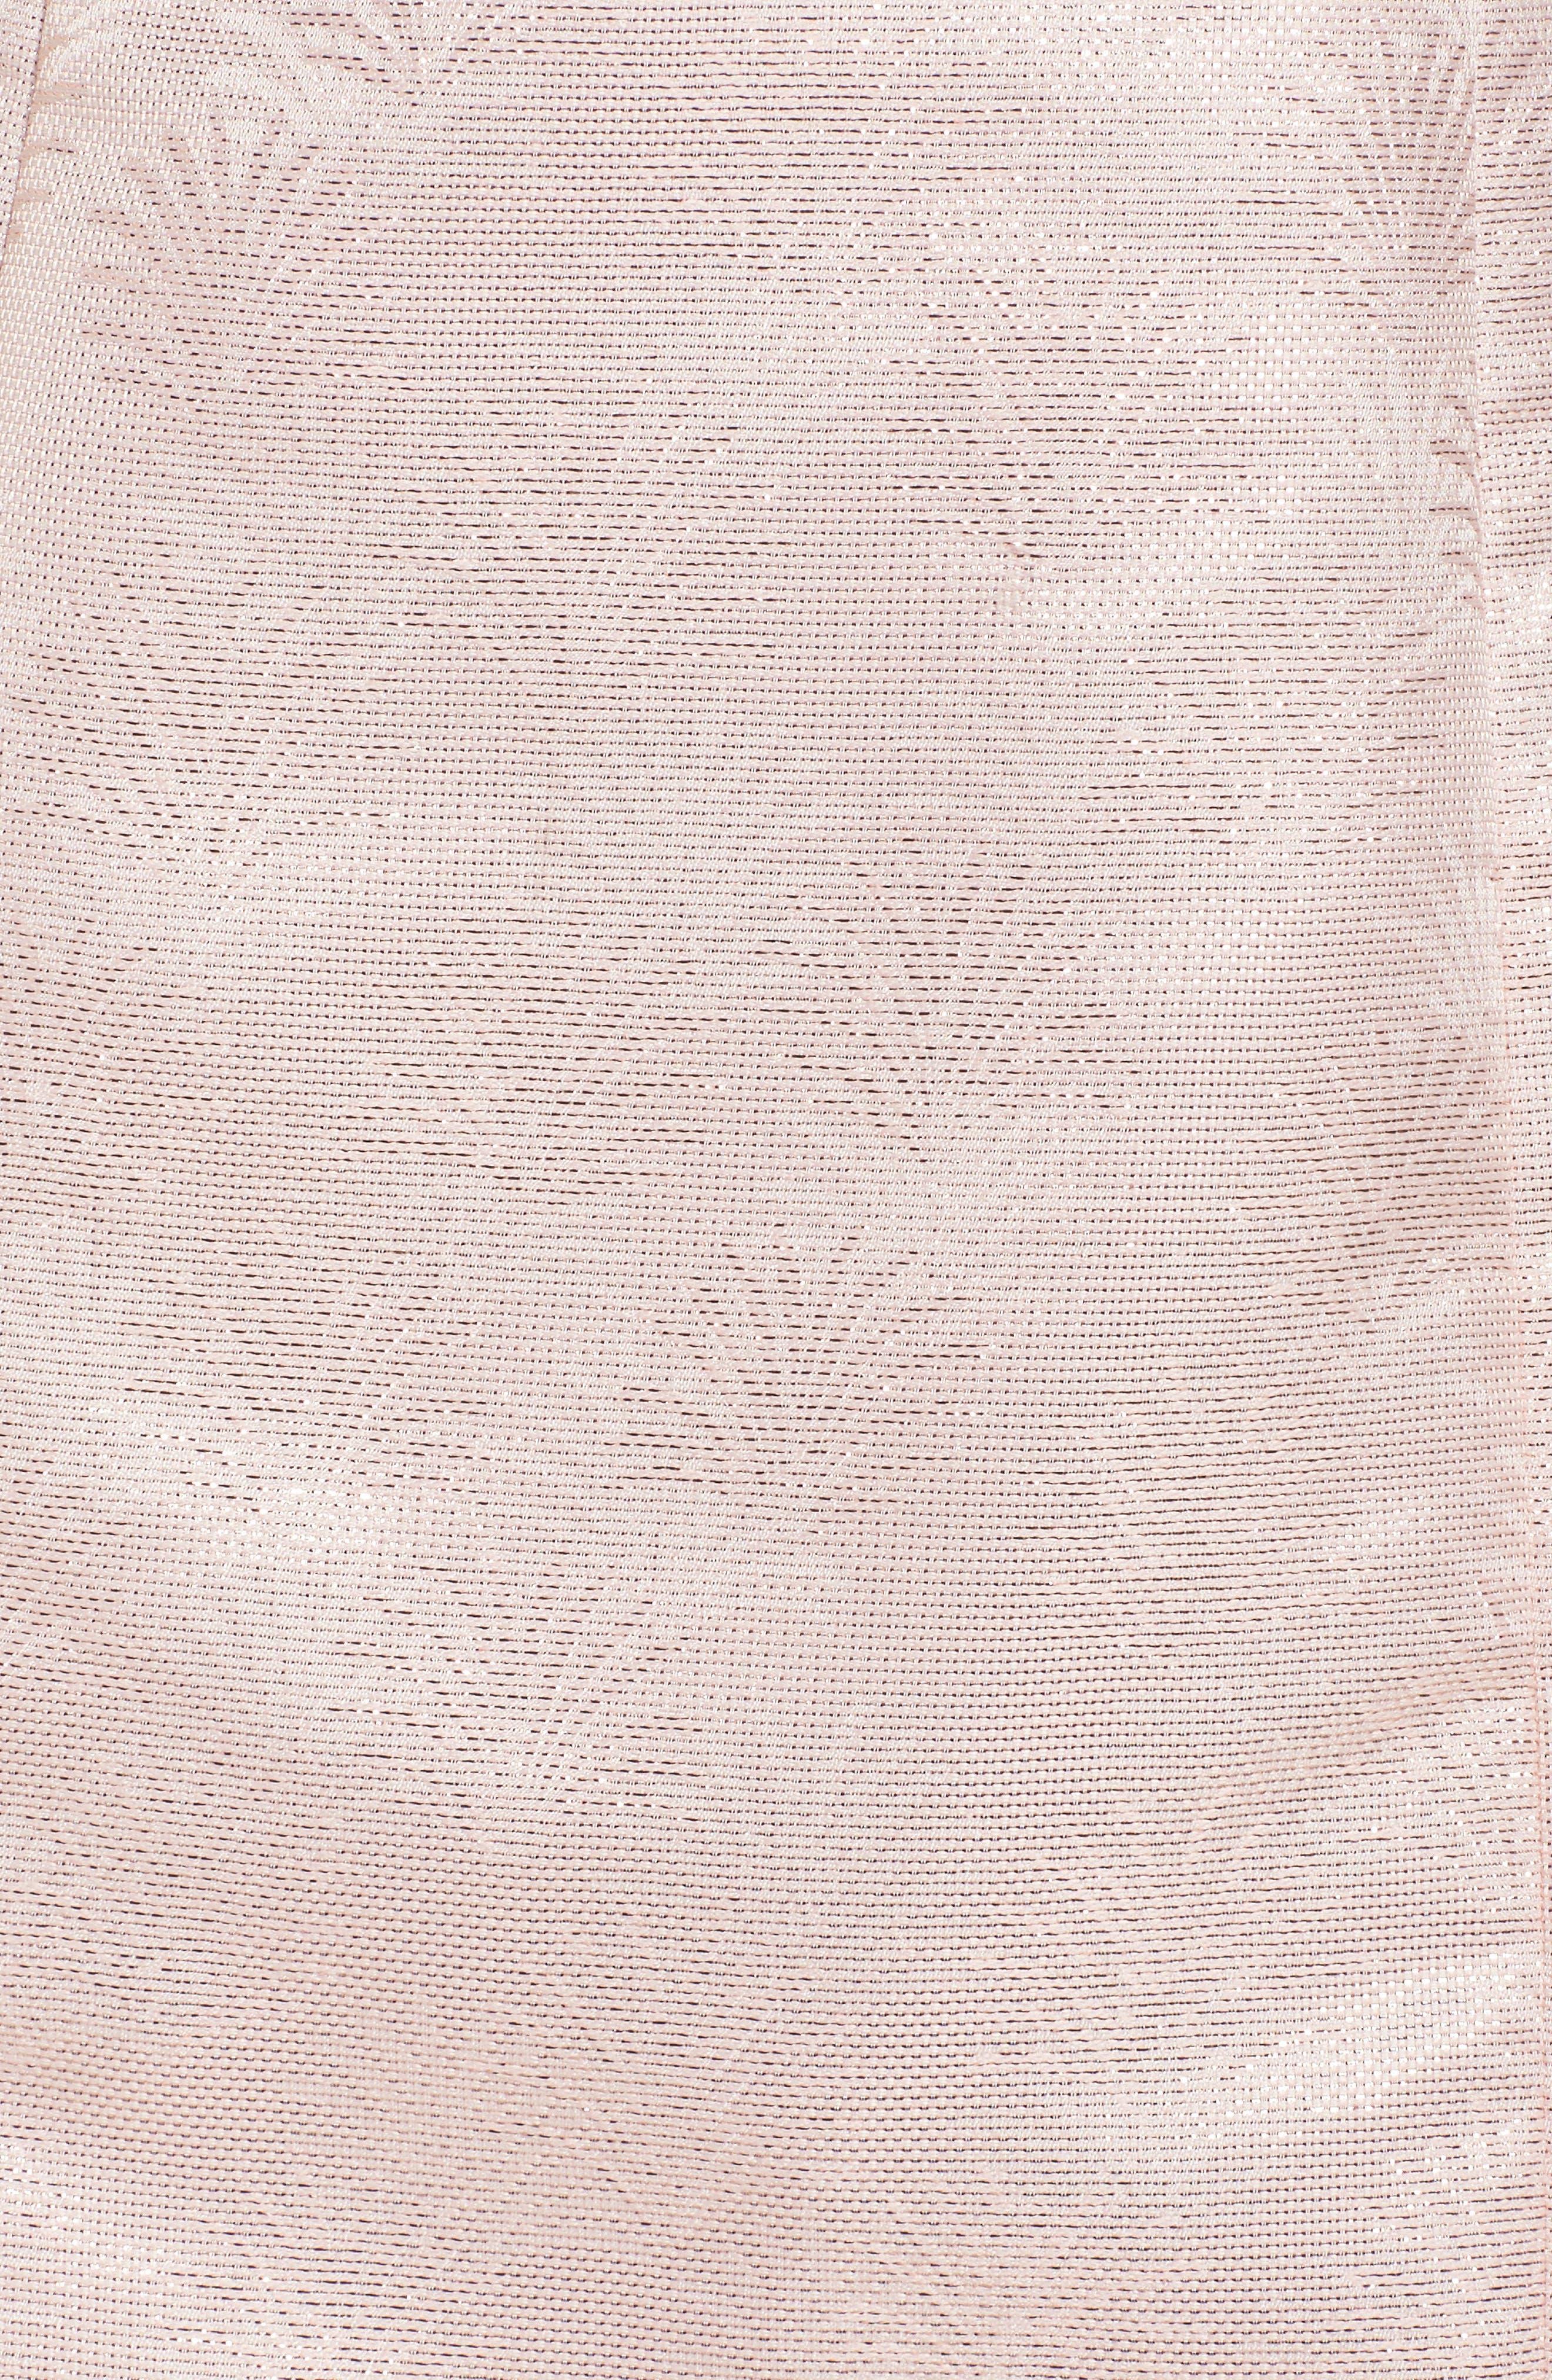 Karter Embellished Sheath Dress,                             Alternate thumbnail 5, color,                             650